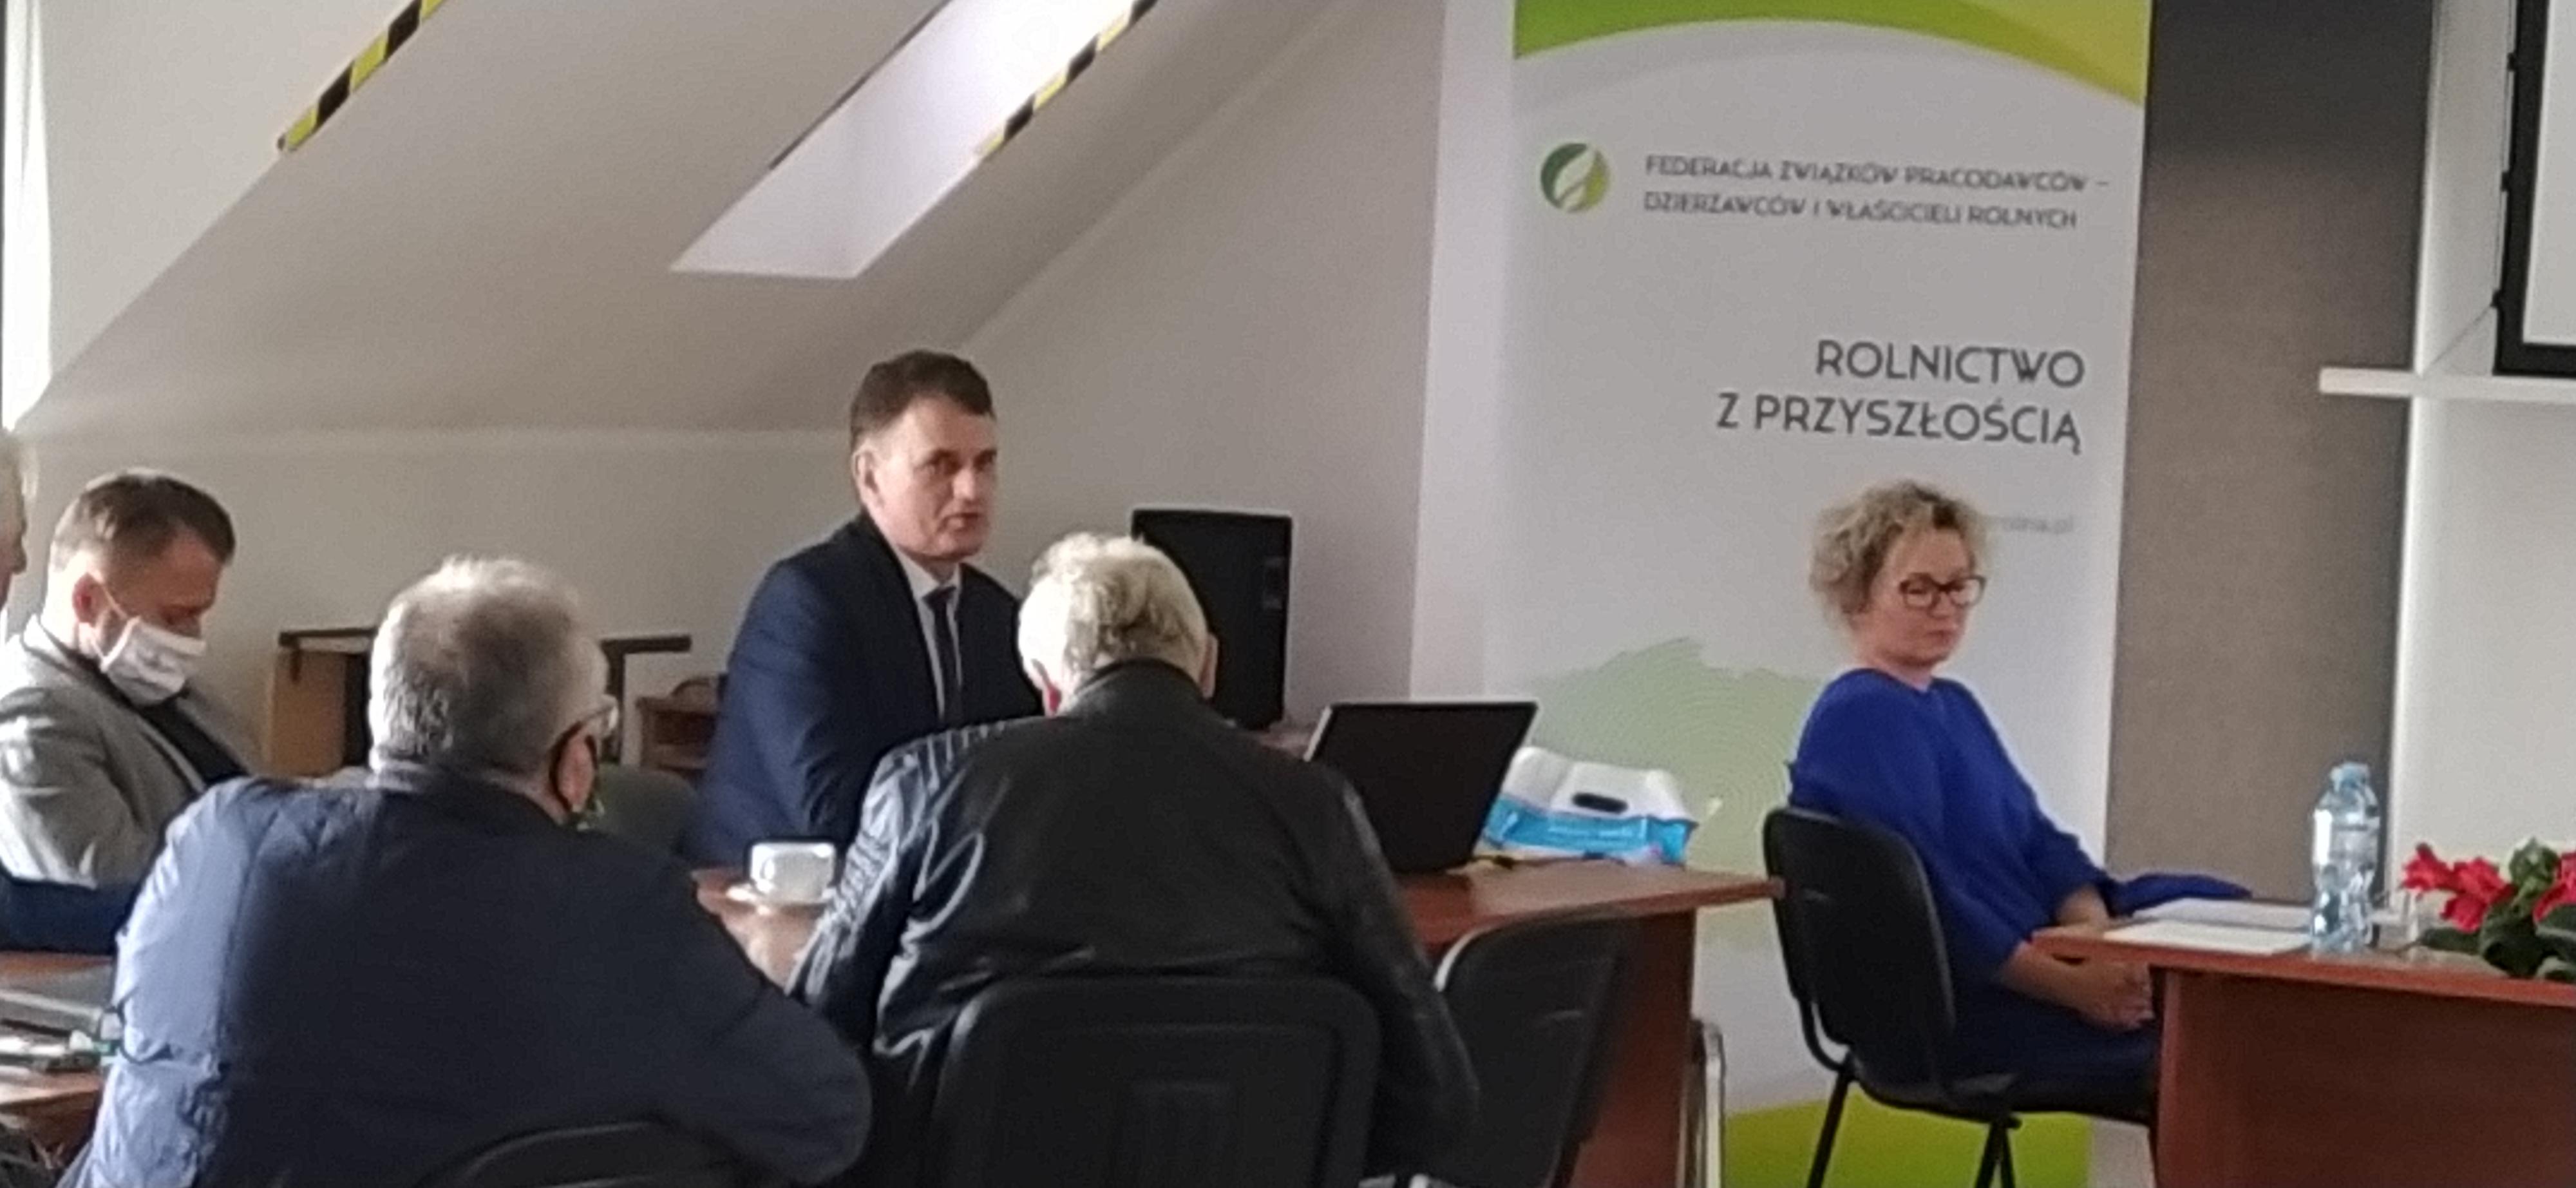 Walne  Zgromadzenie Zdawczo-Wyborcze Członków Opolskiego